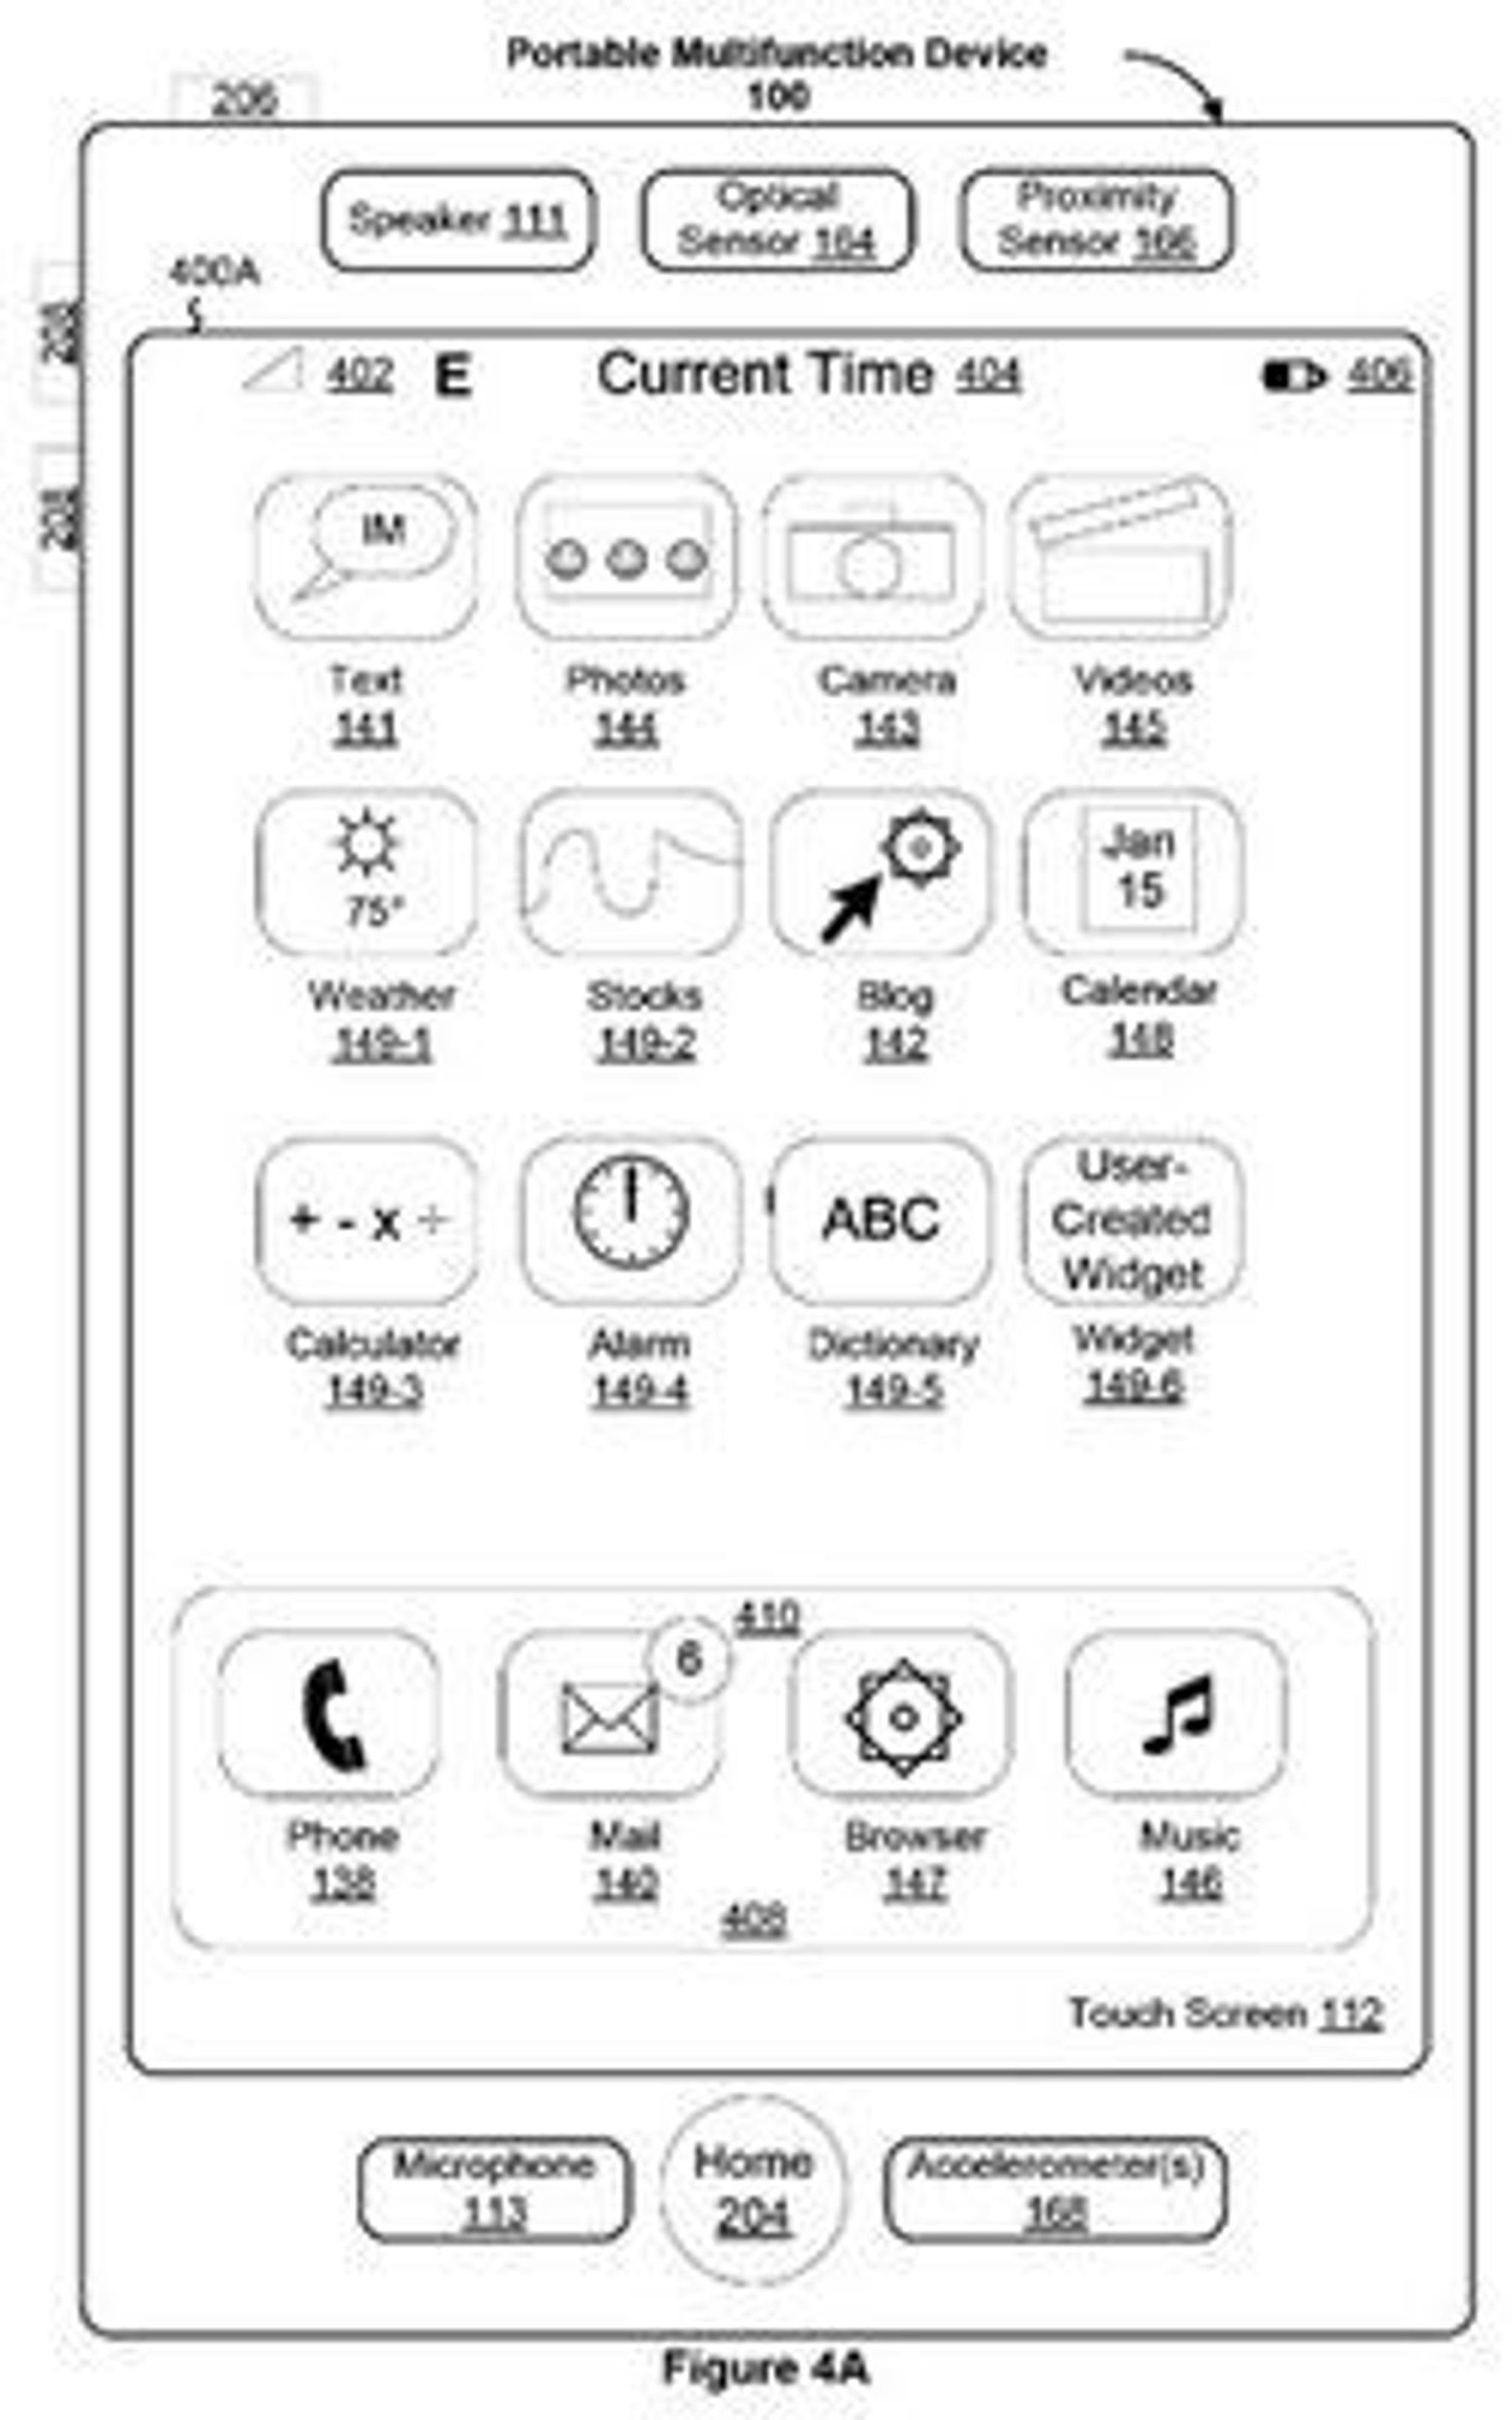 Nå har Apple et nytt våpen i kampen mot konkurrenter som vil kopiere iPhone. (Bilde: Apples patentsøknad)